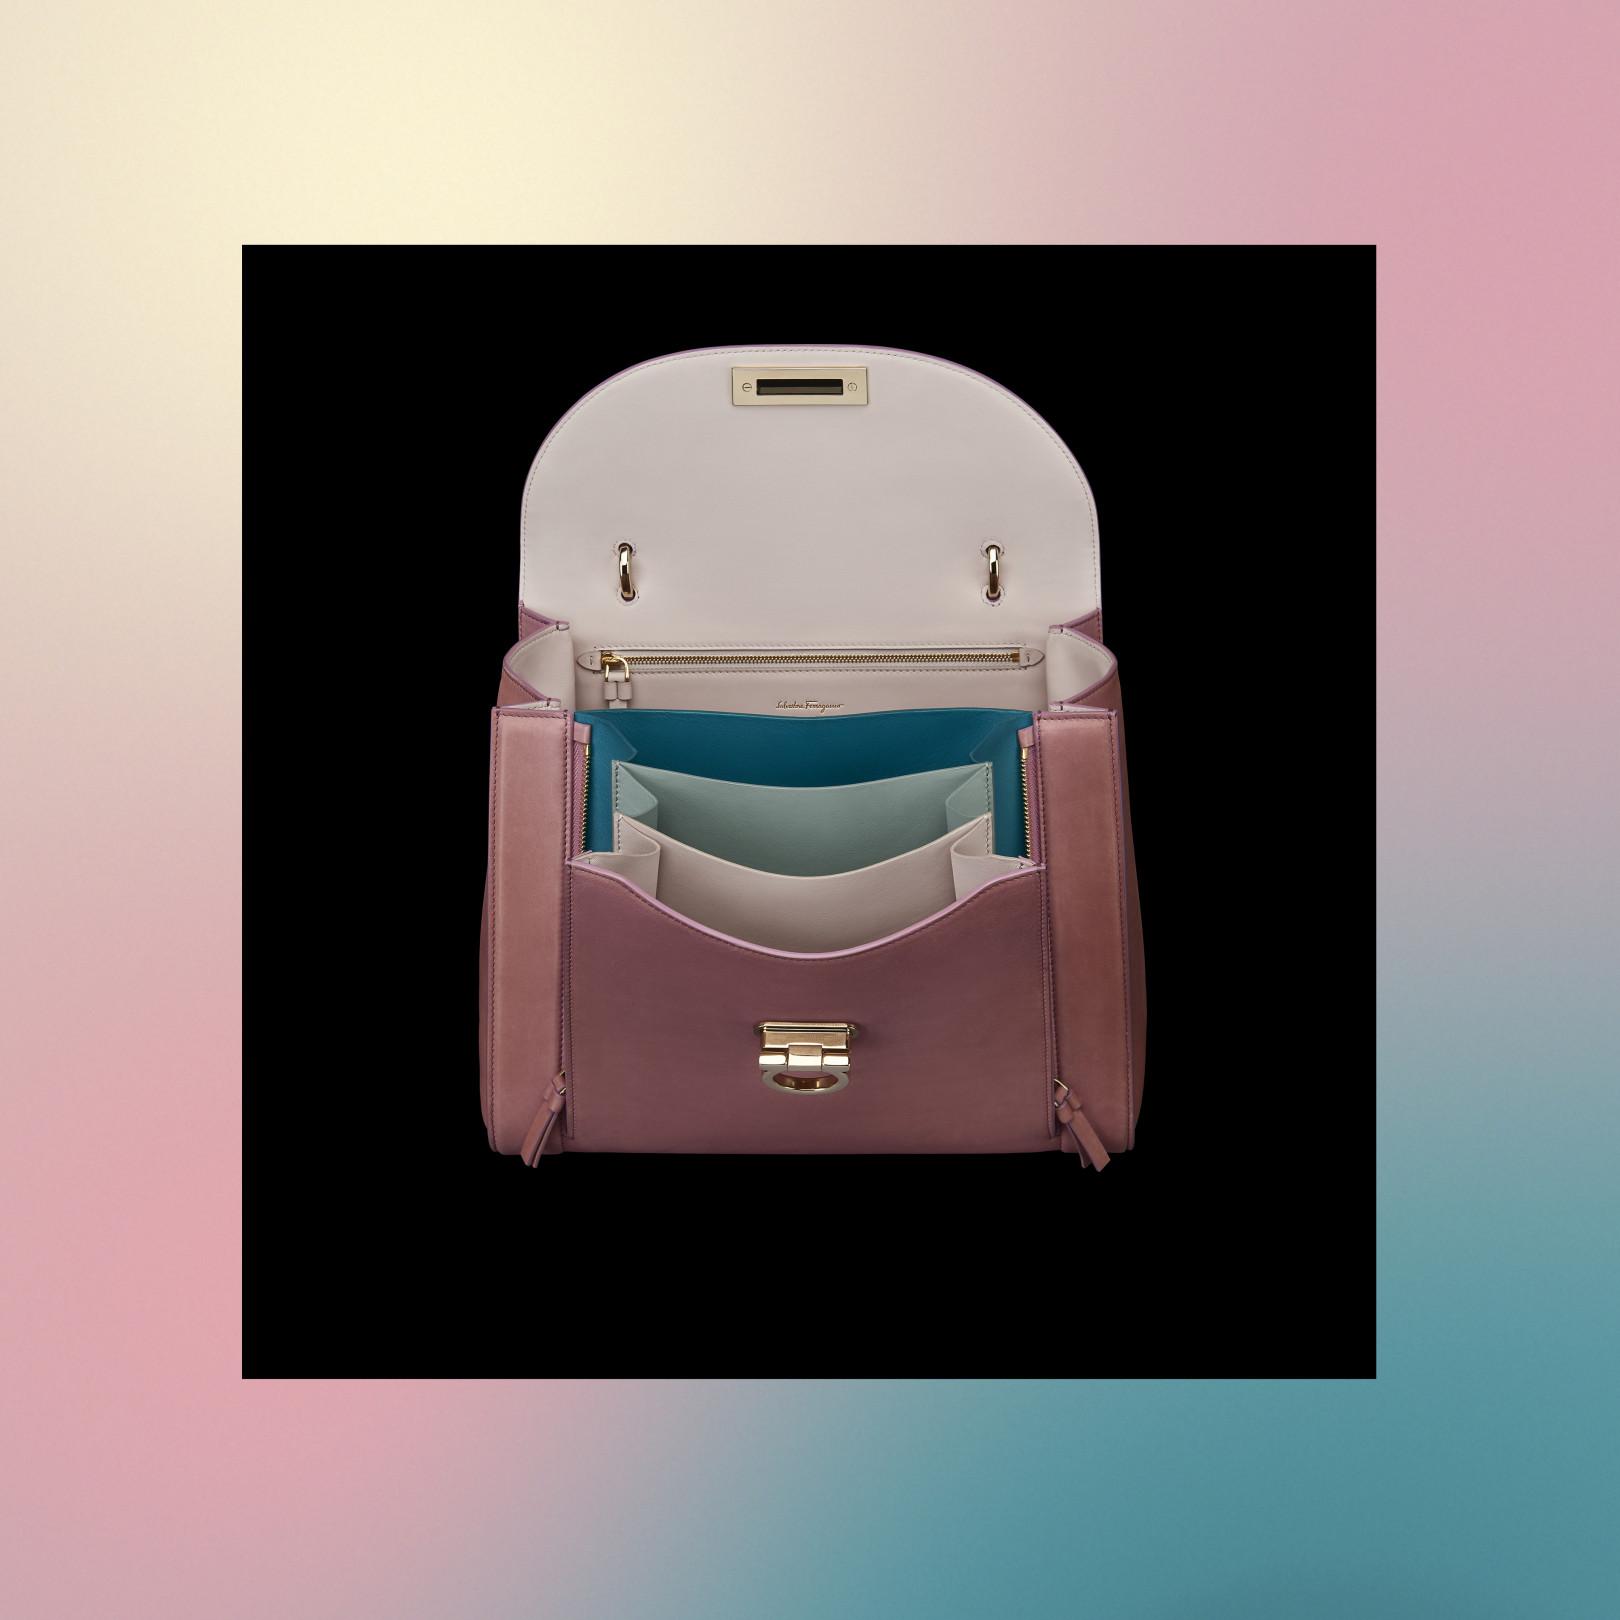 62f95d11c26b サルヴァトーレ フェラガモ、新作バッグ「ソフィア・ レインボー」発売(8/18)